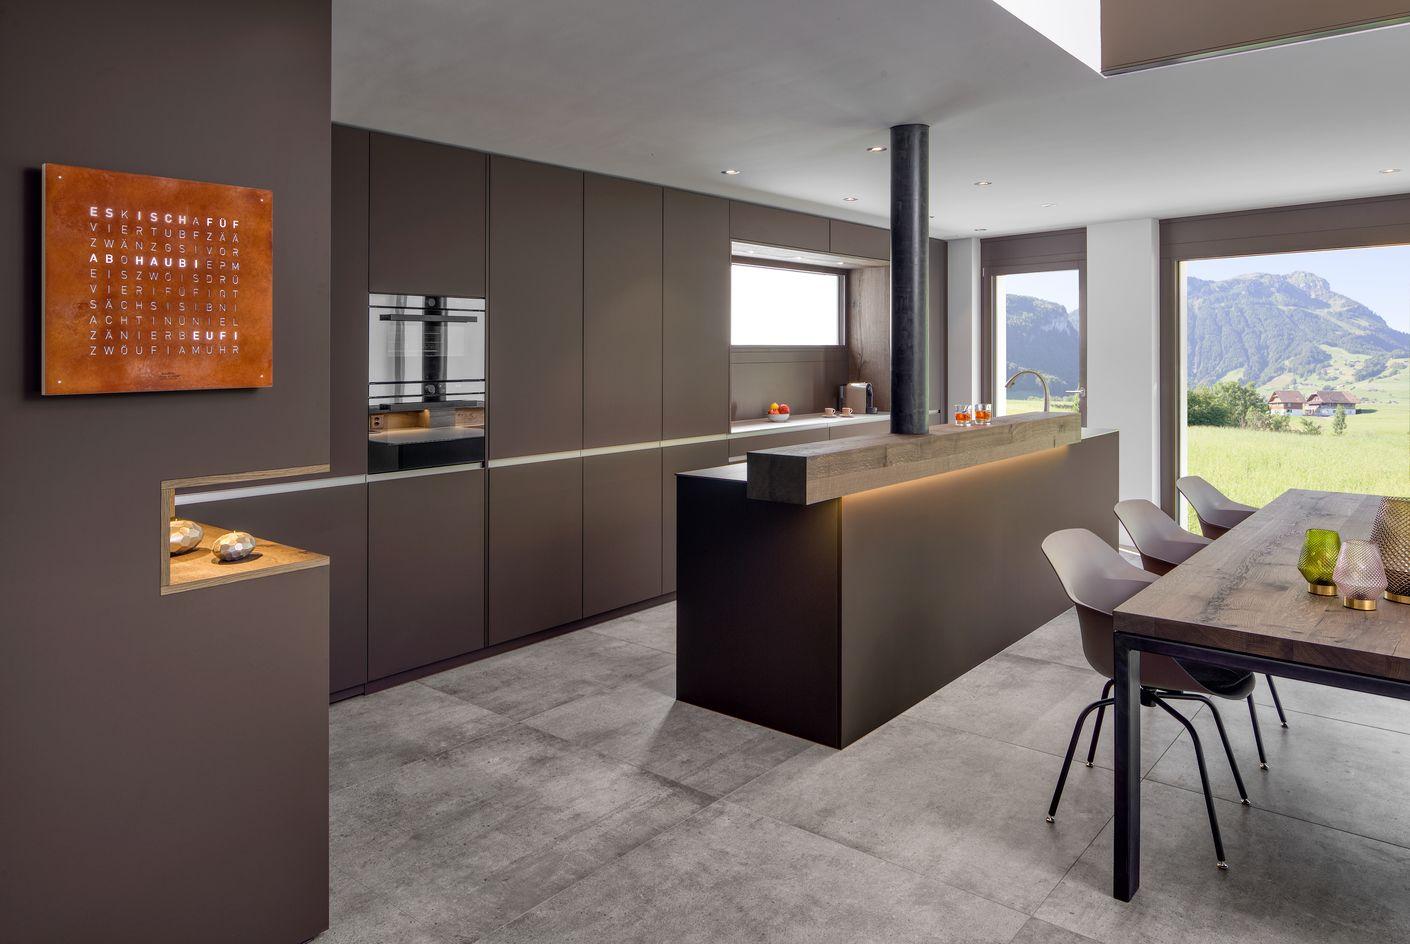 Der Zugang in den angrenzenden Vorratsraum ist raffiniert in die Küchenfront integriert und somit versteckt! Keine Türe stört die Optik, die Küchenfront erscheint wie aus einem Guss.